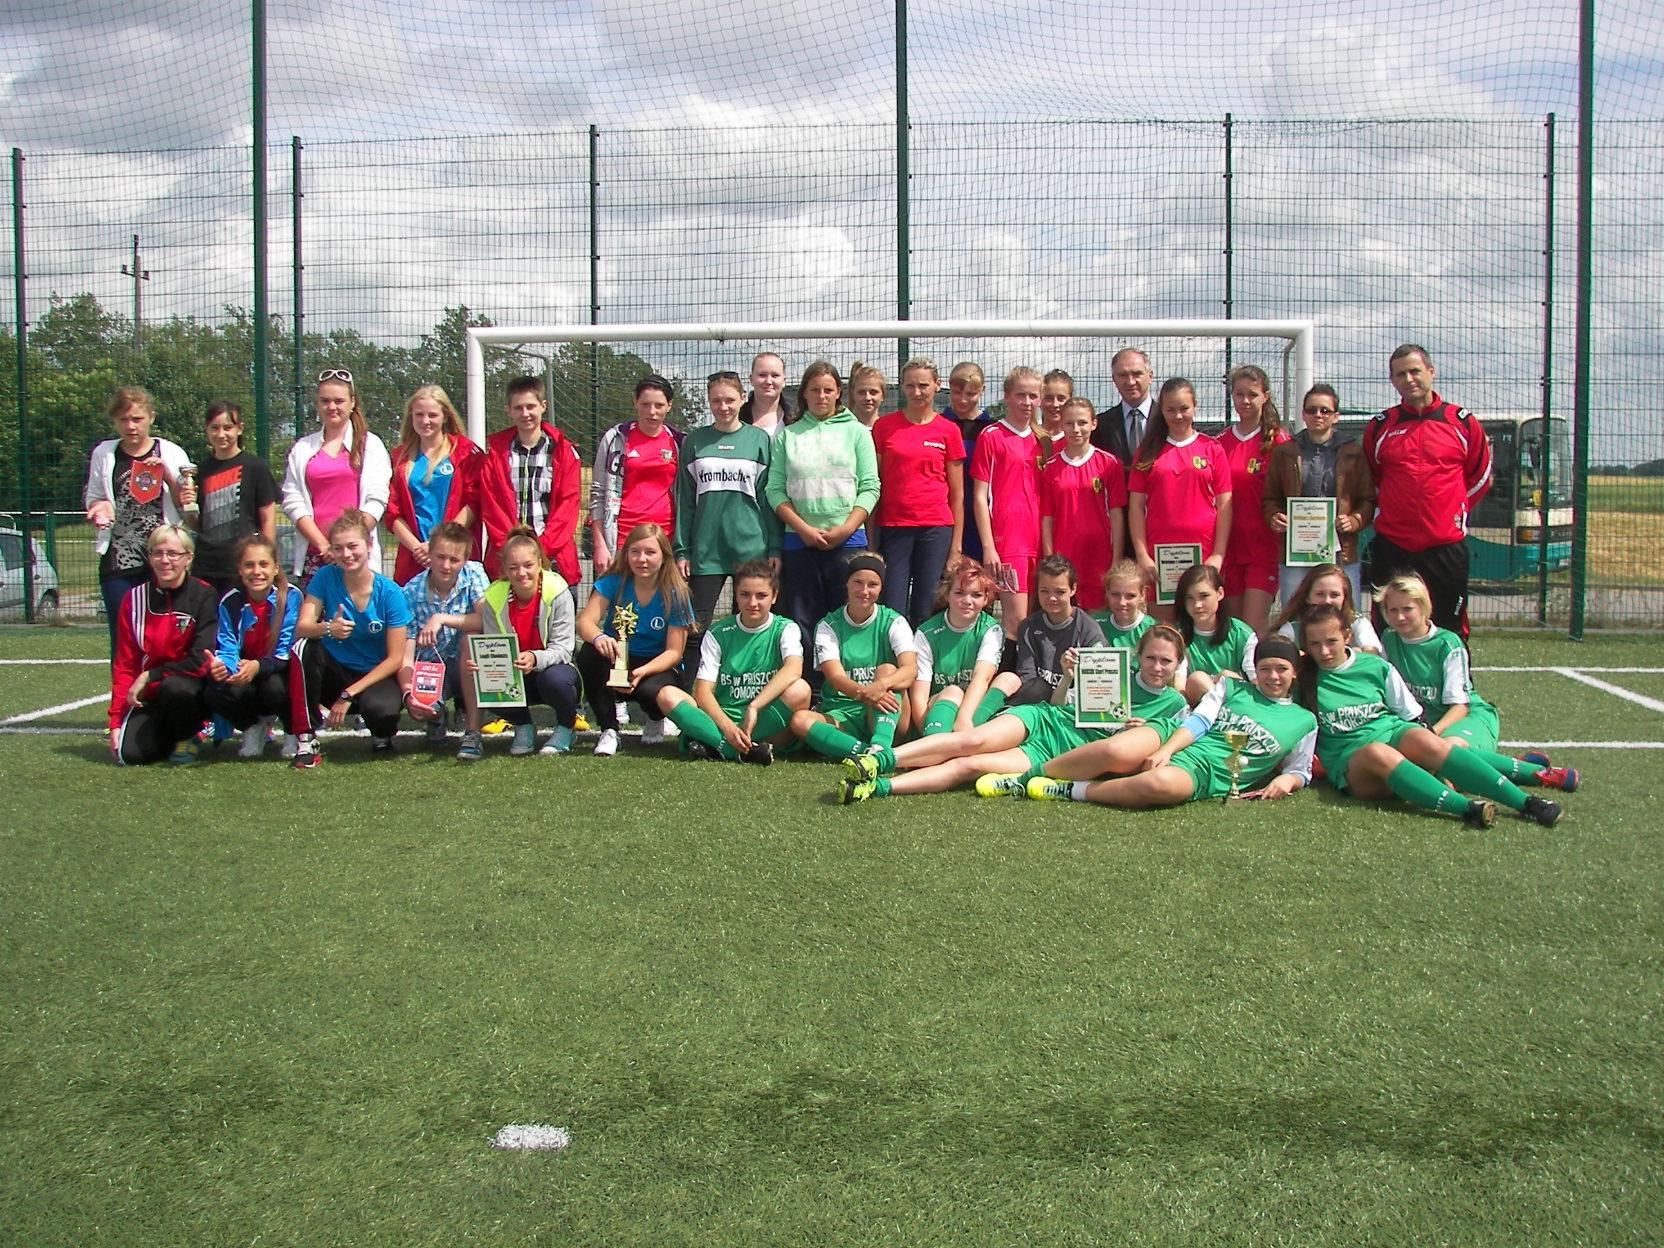 Turniej Piłki Nożnej Dziewcząt o Puchar Prezesa Zarządu Powiatowego Związku OSP – 22 czerwca 2014